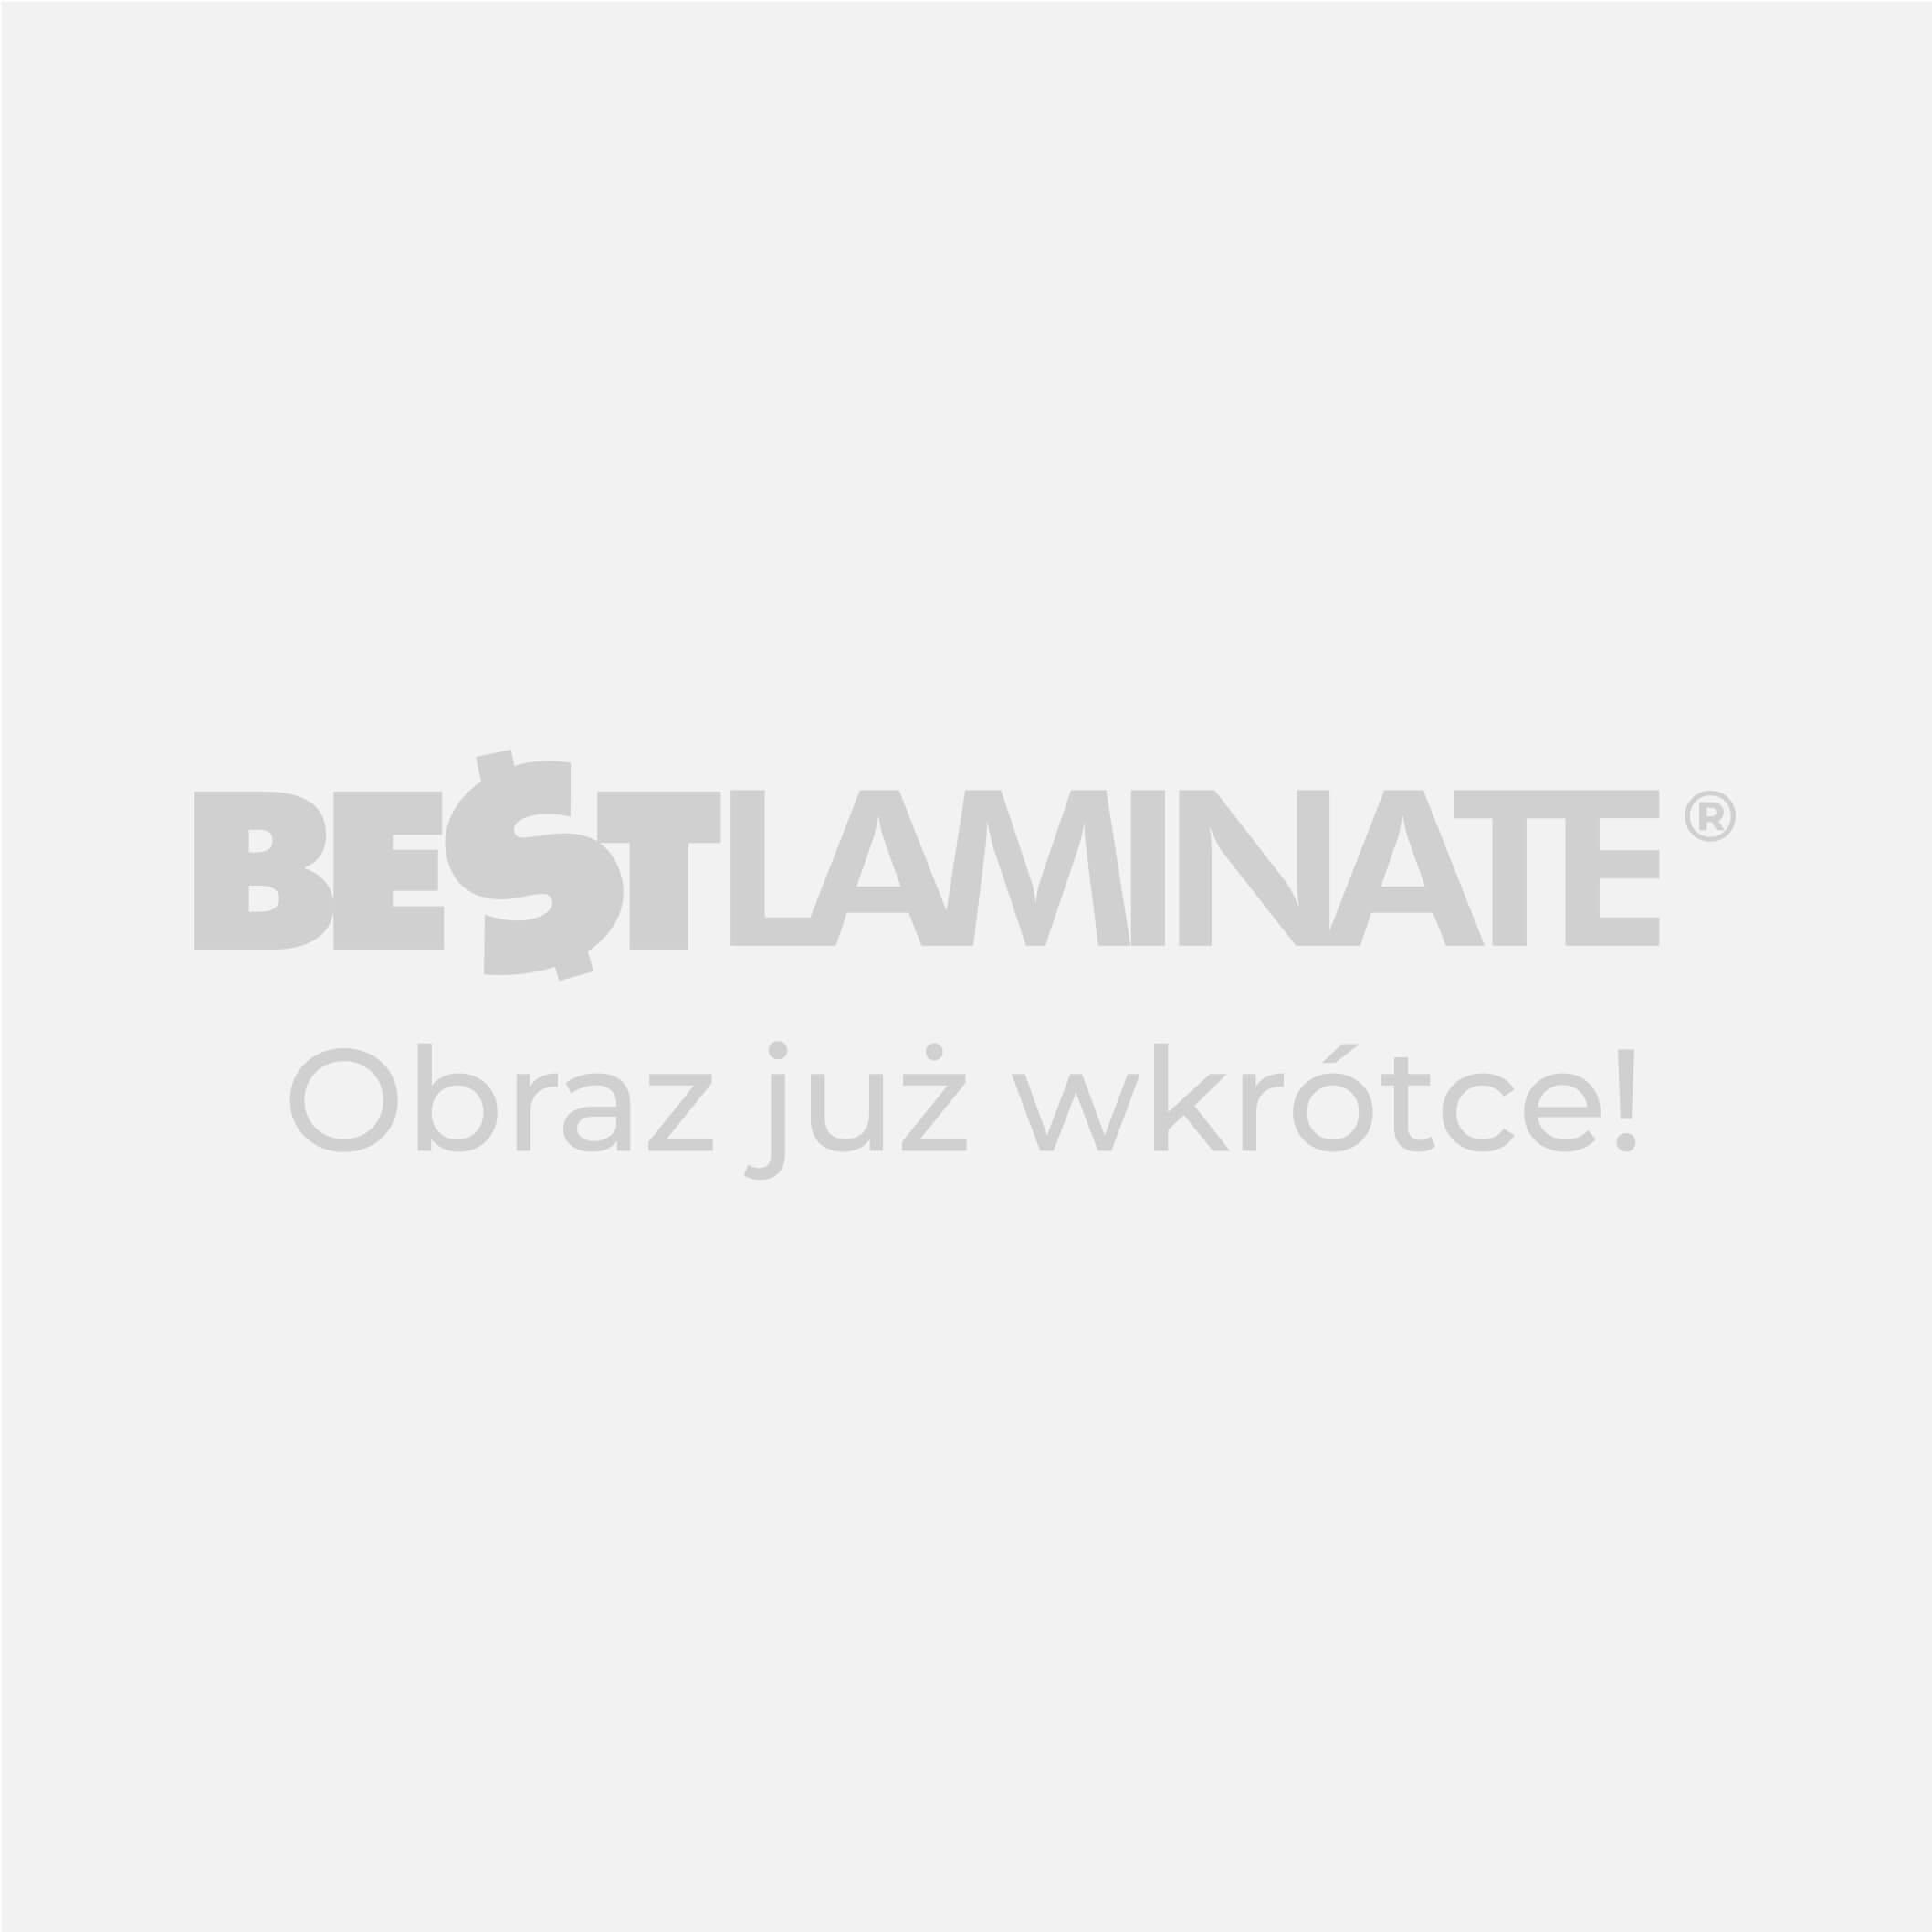 Ćwierćwałek listwa przypodłogowa przyścienna PCV - Bestlaminate Livanti - Dąb Miodowy